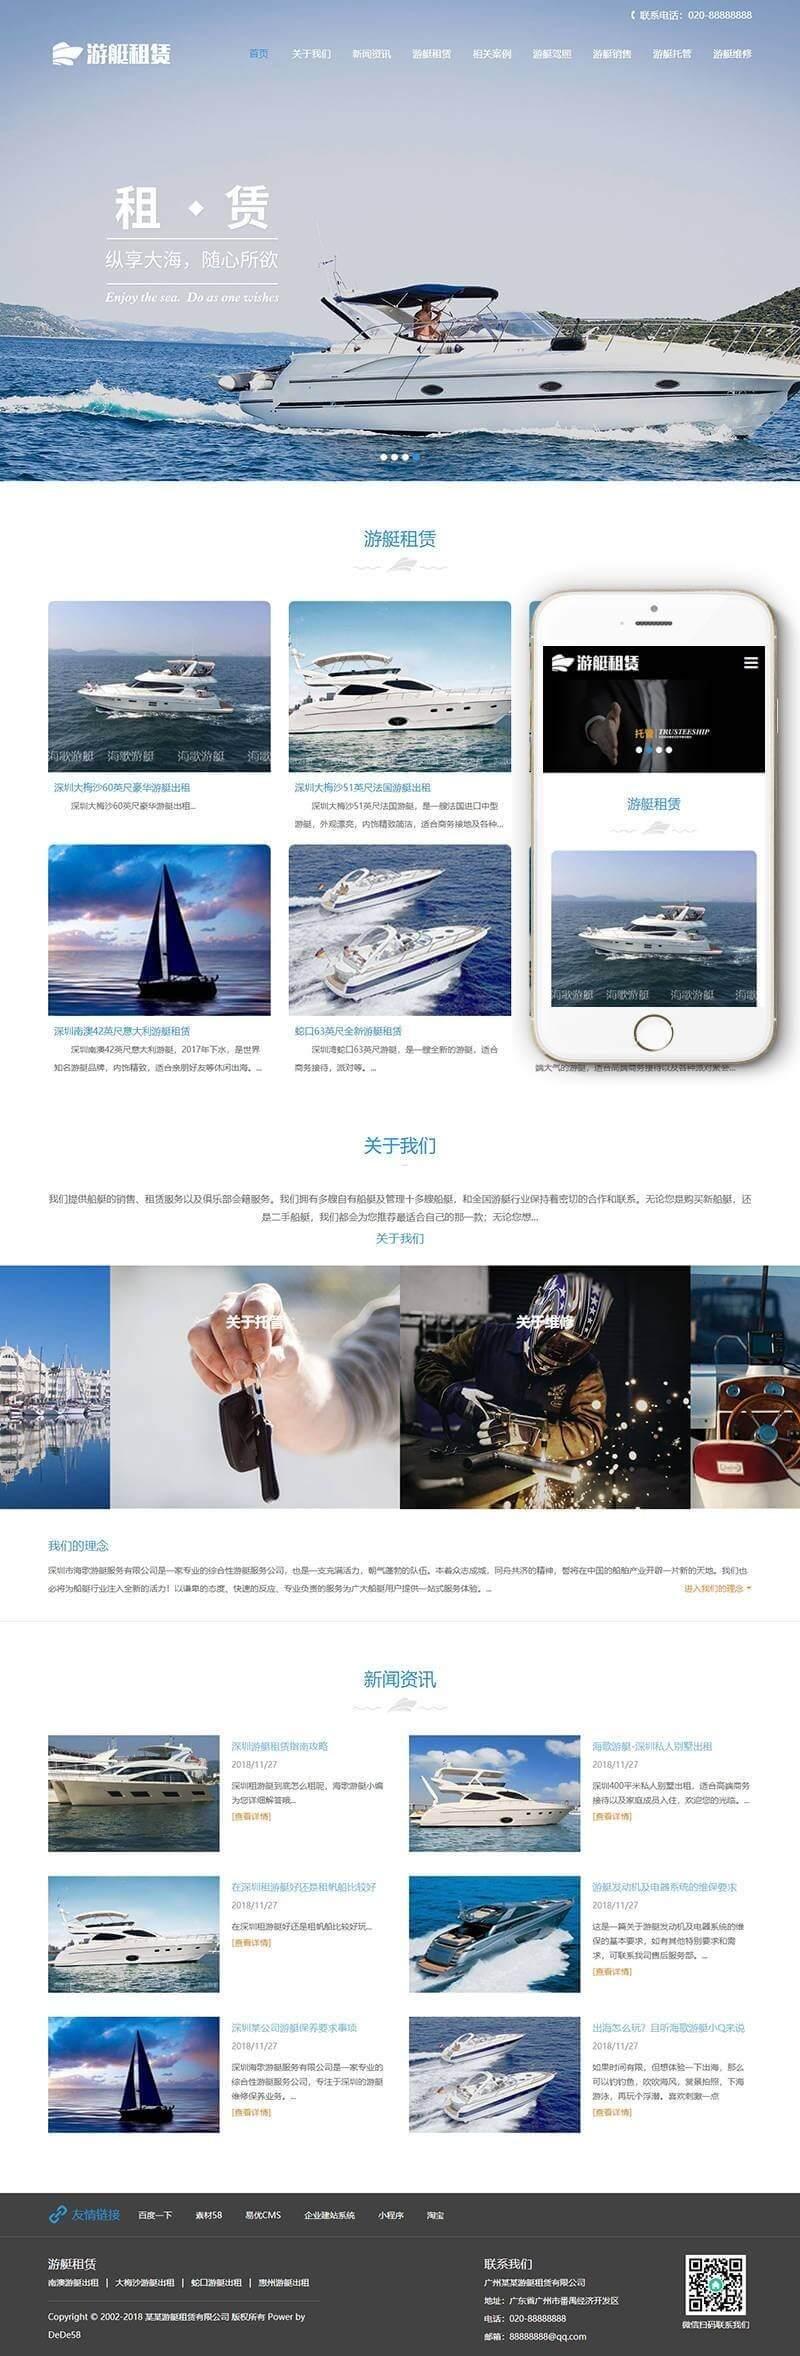 【织梦模板下载】高端响应式游艇租赁类网站模板(自适应手机端) PHP源码带数据